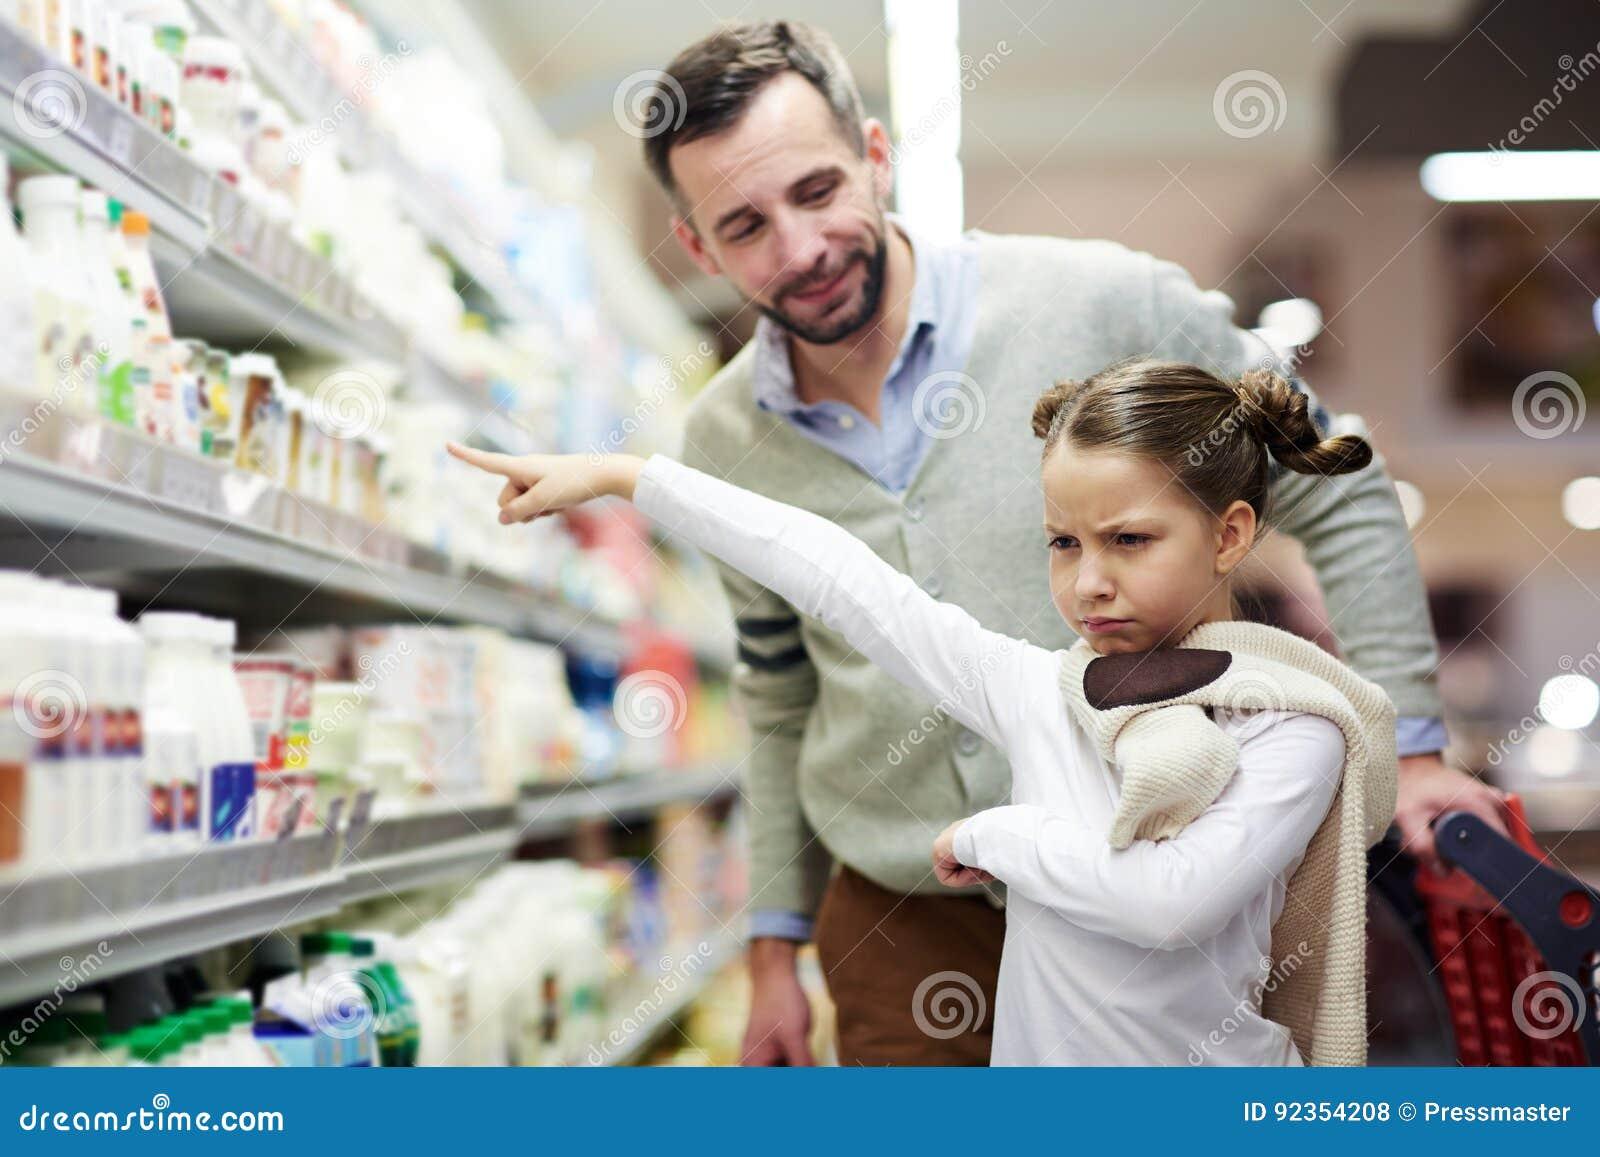 Kleines Mädchen wünscht Milch